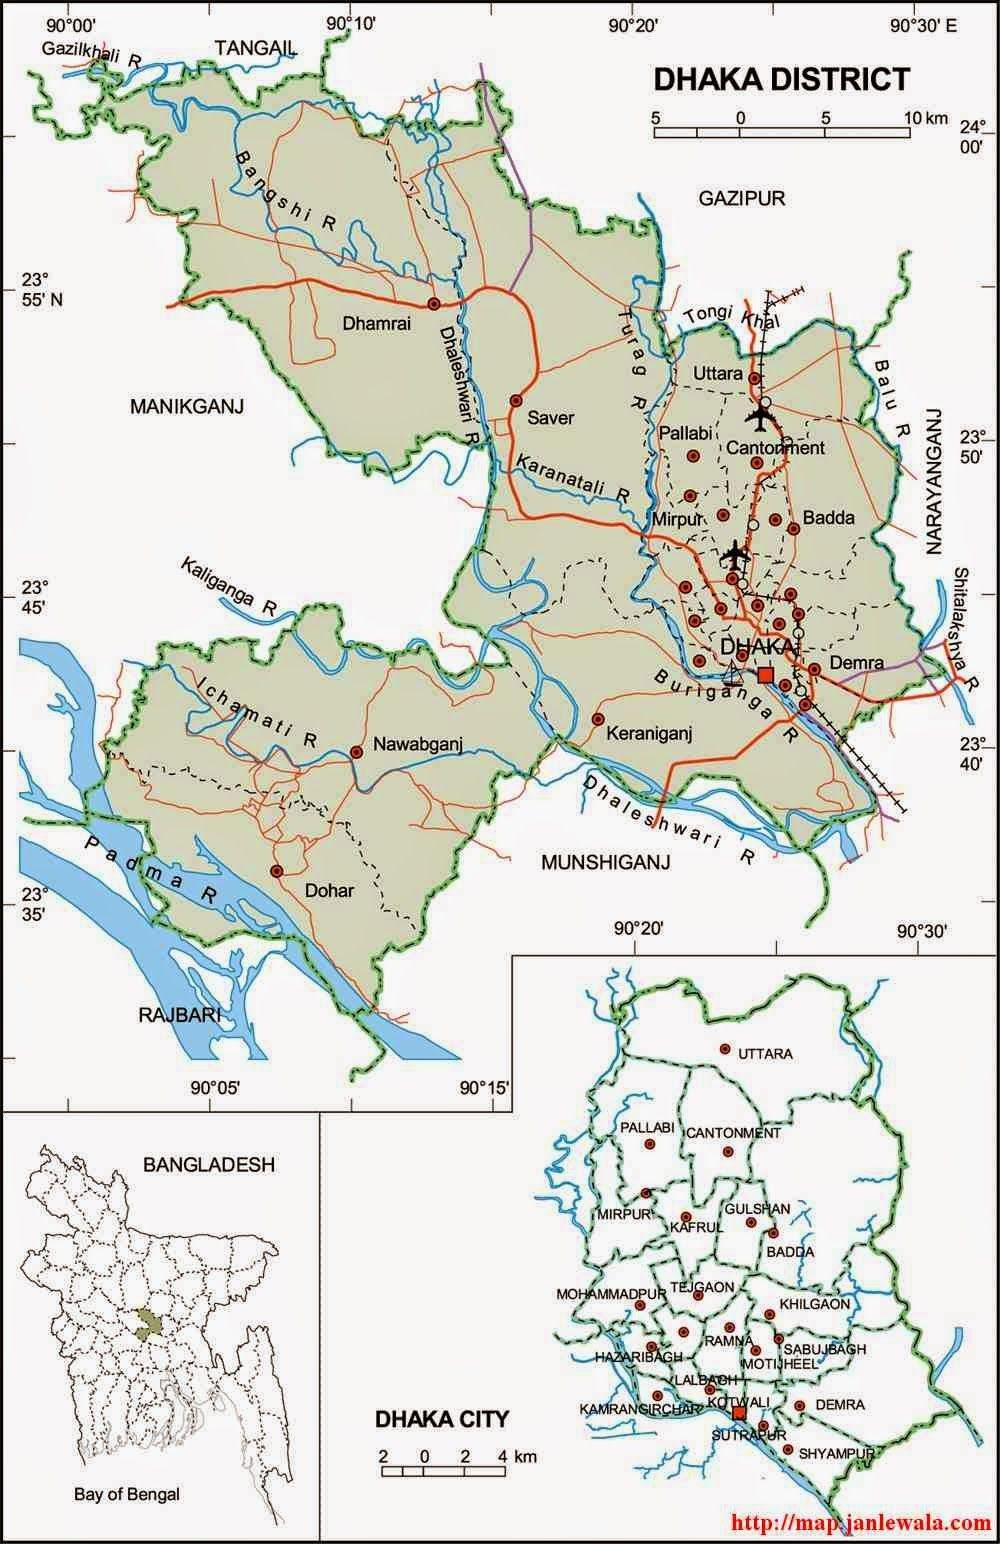 Dhaka Zila Map, Dhaka Division, Bangladesh | Dhaka ...